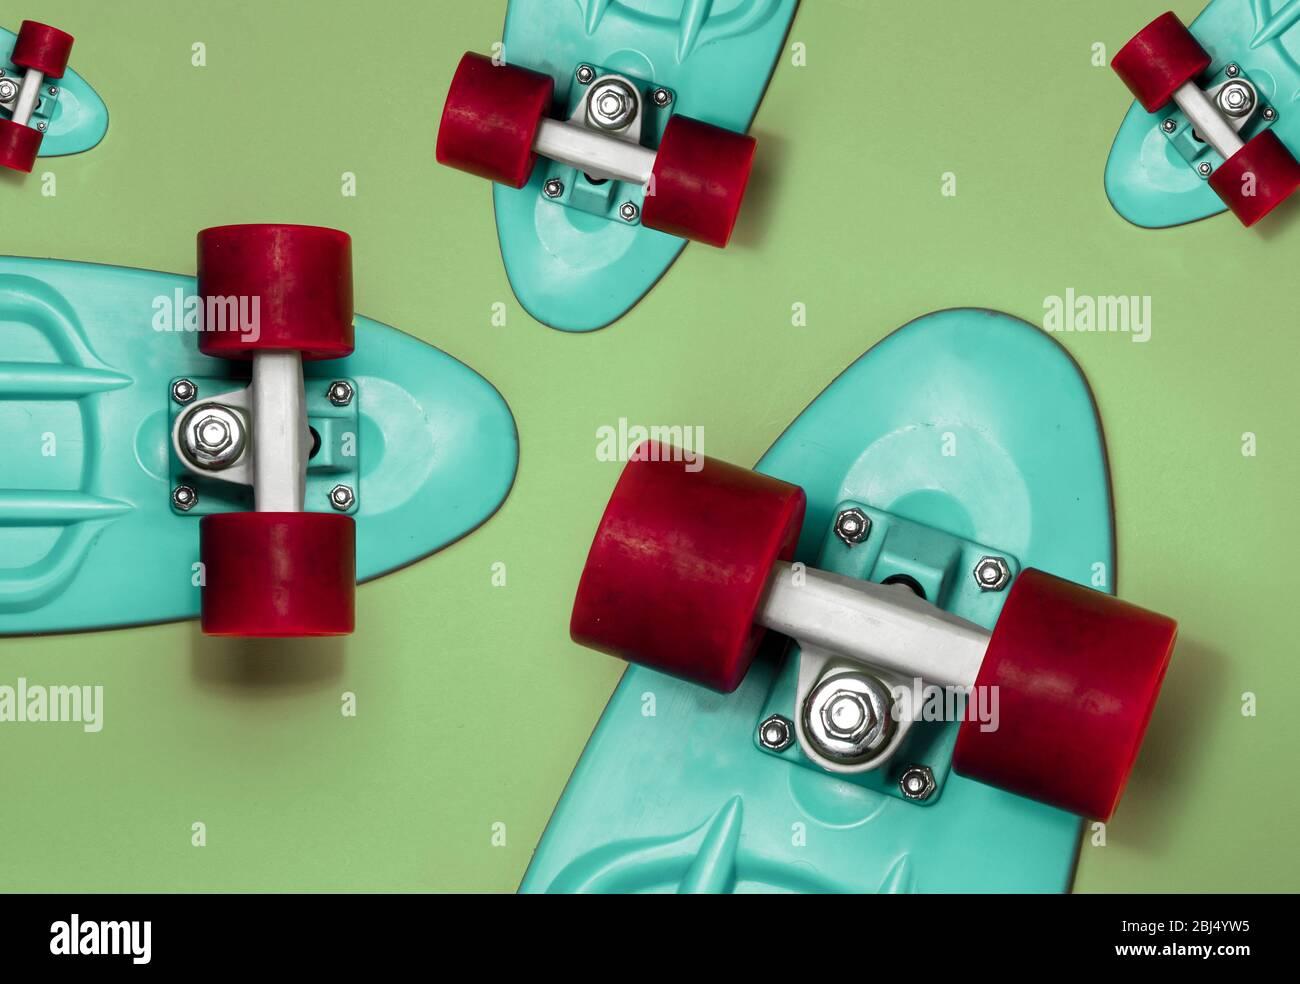 Turquesa Skateboards sobre fondo verde, vista superior. Concepto de estilo de vida deportivo, cultura, ocio, hobby, transporte alternativo Foto de stock